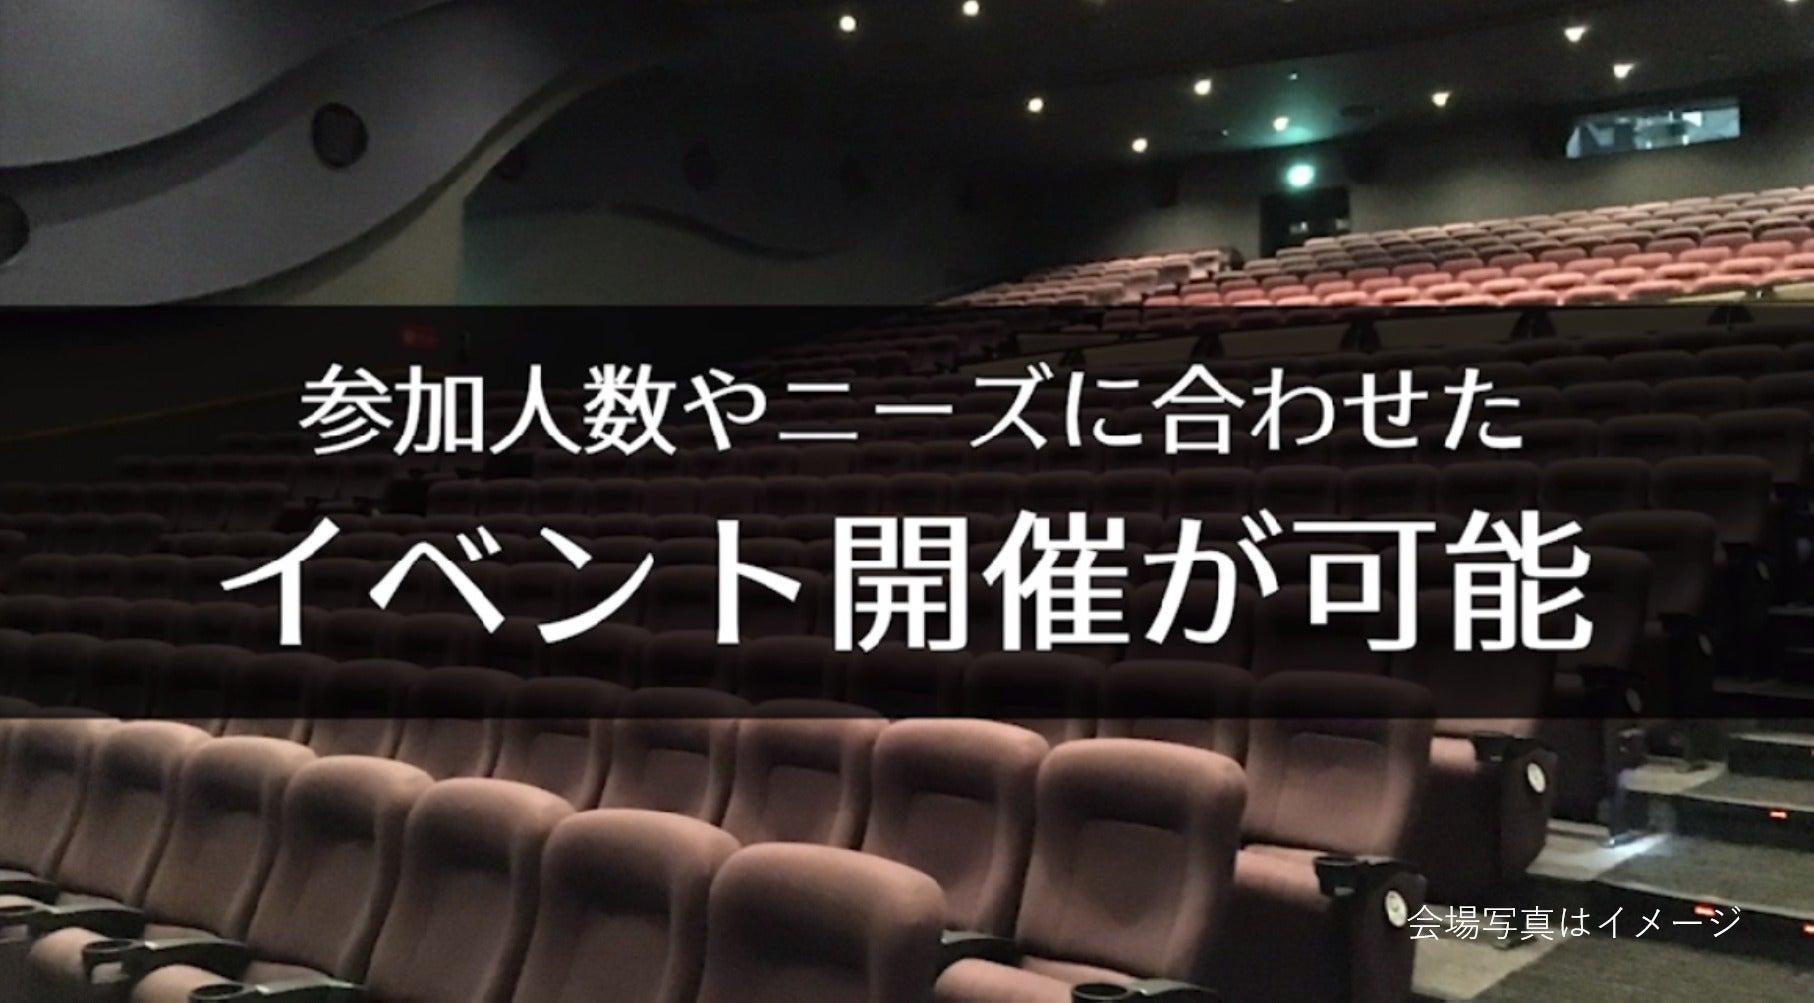 【稲沢 299席】映画館で、会社説明会、株主総会、講演会の企画はいかがですか?(ユナイテッド・シネマ稲沢) の写真0